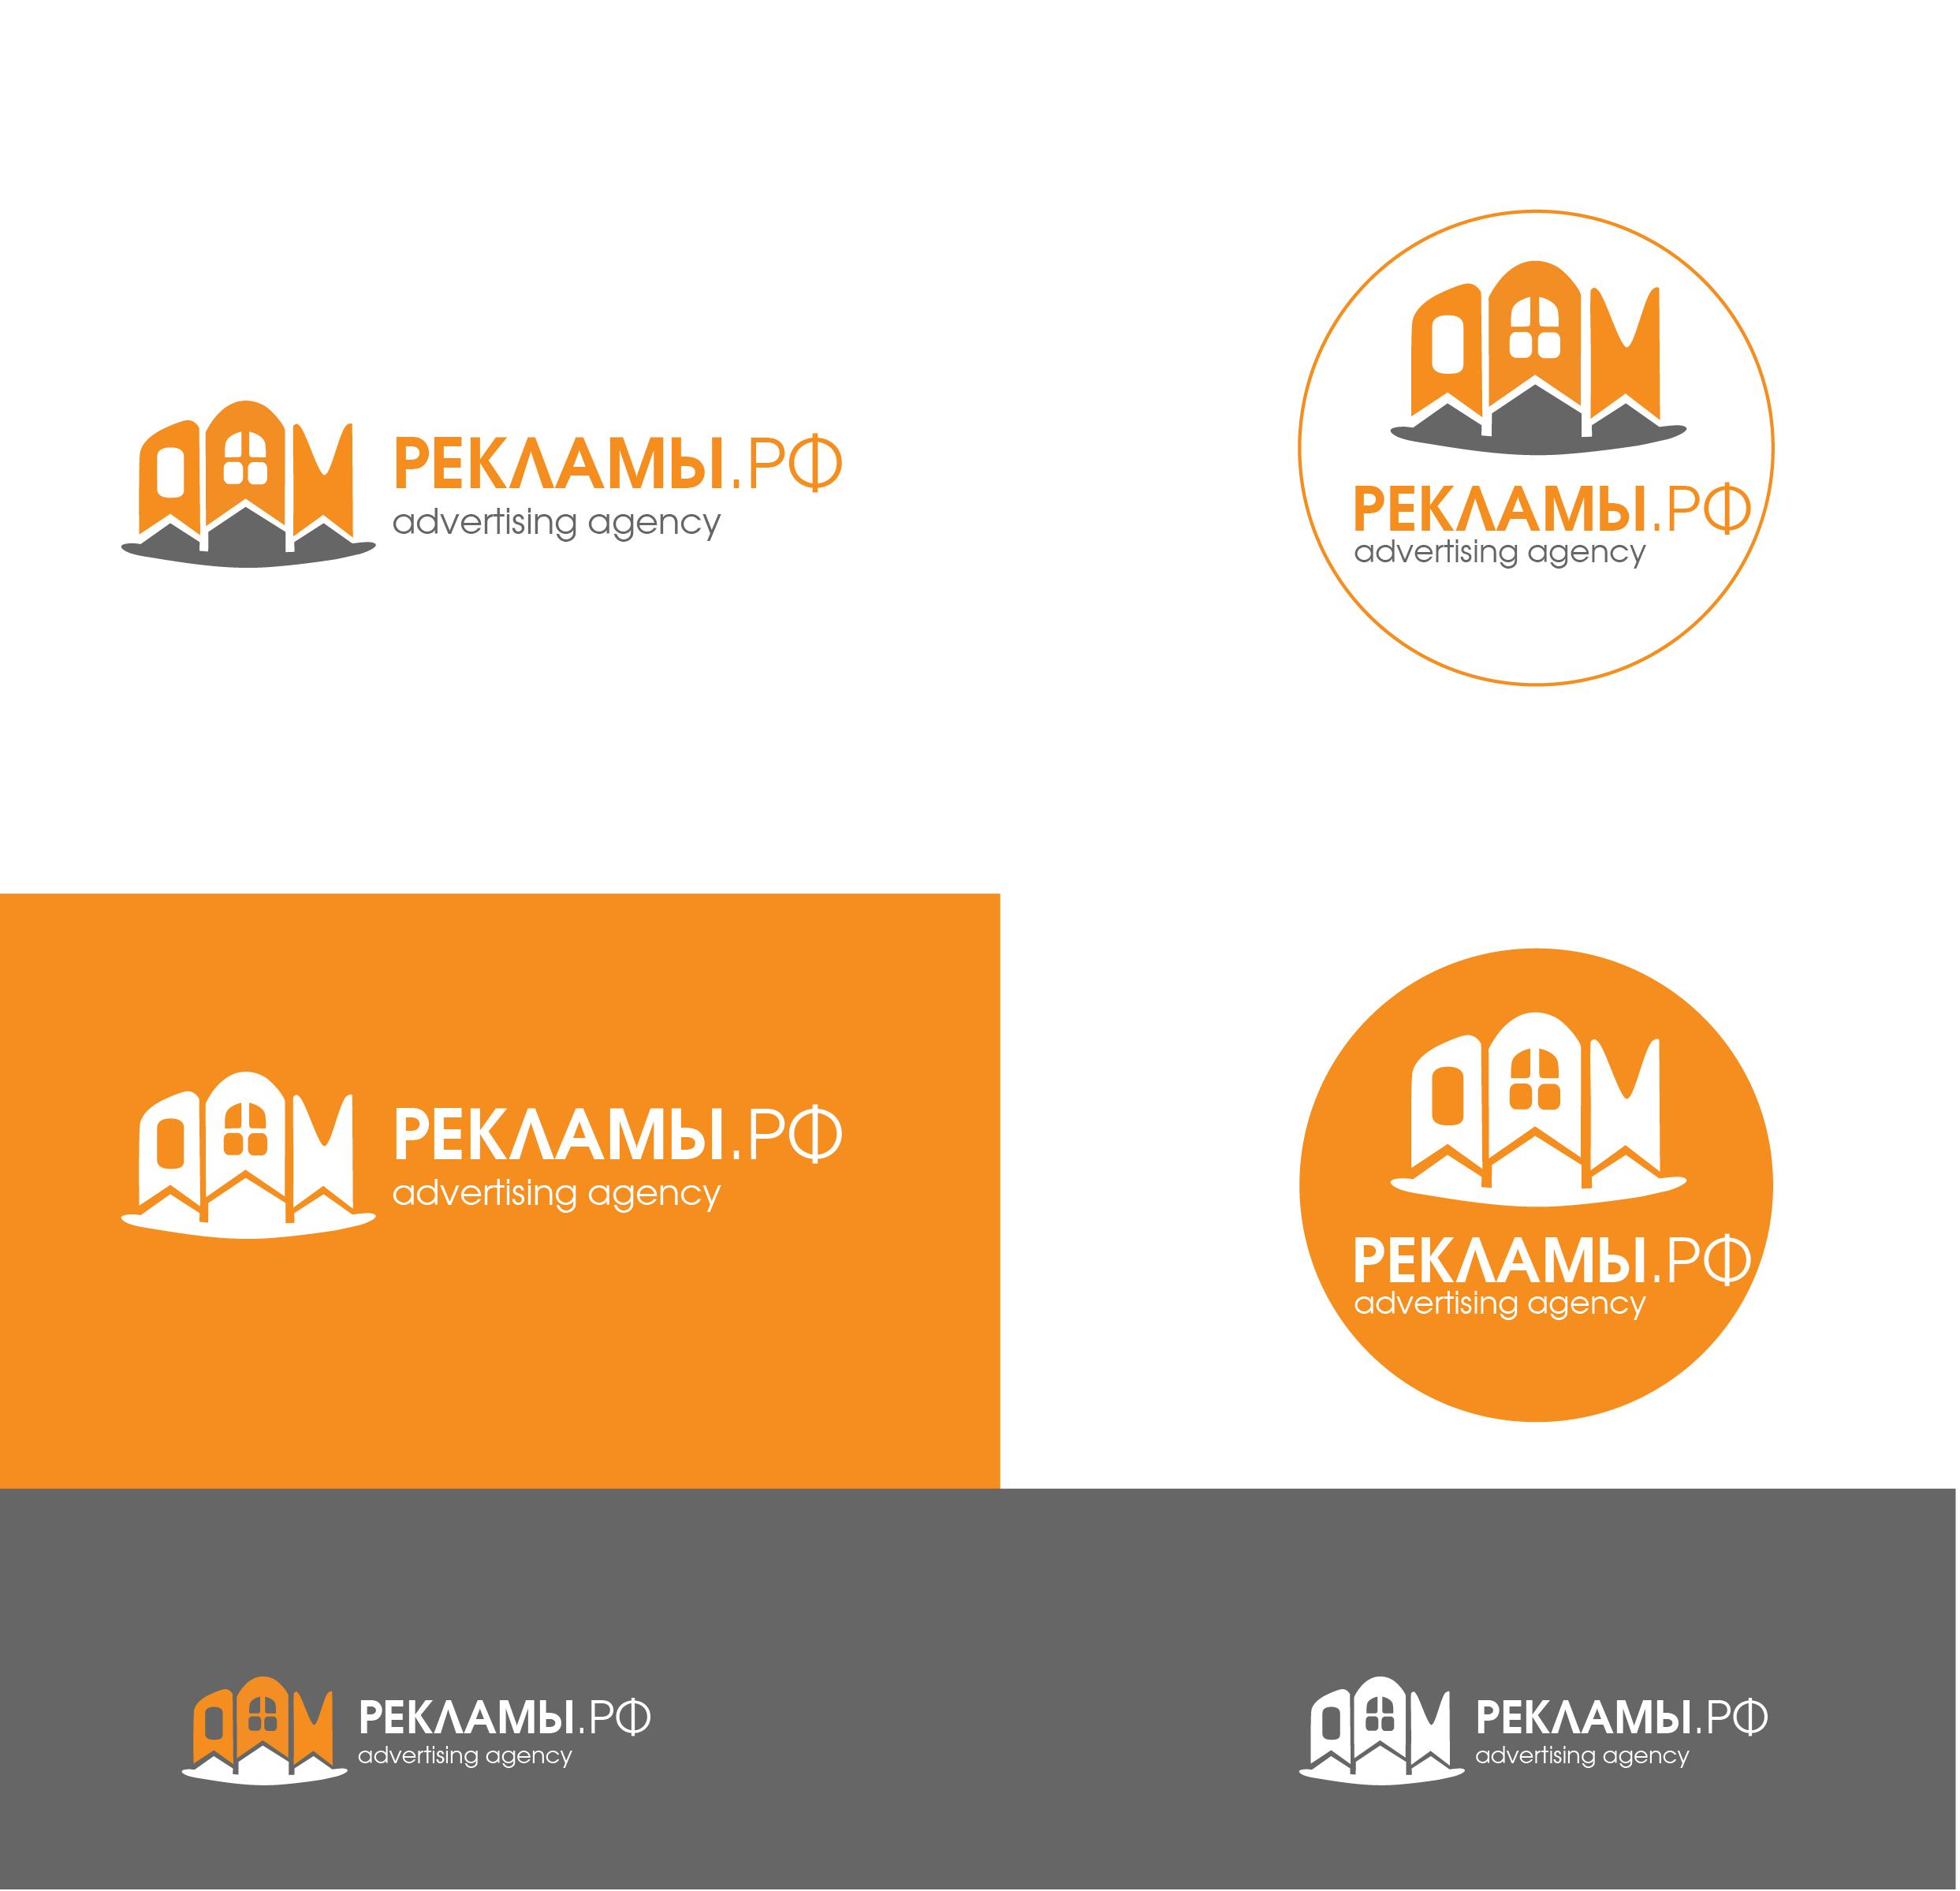 Дизайн логотипа рекламно-производственной компании фото f_8255edcdb9b85d57.jpg